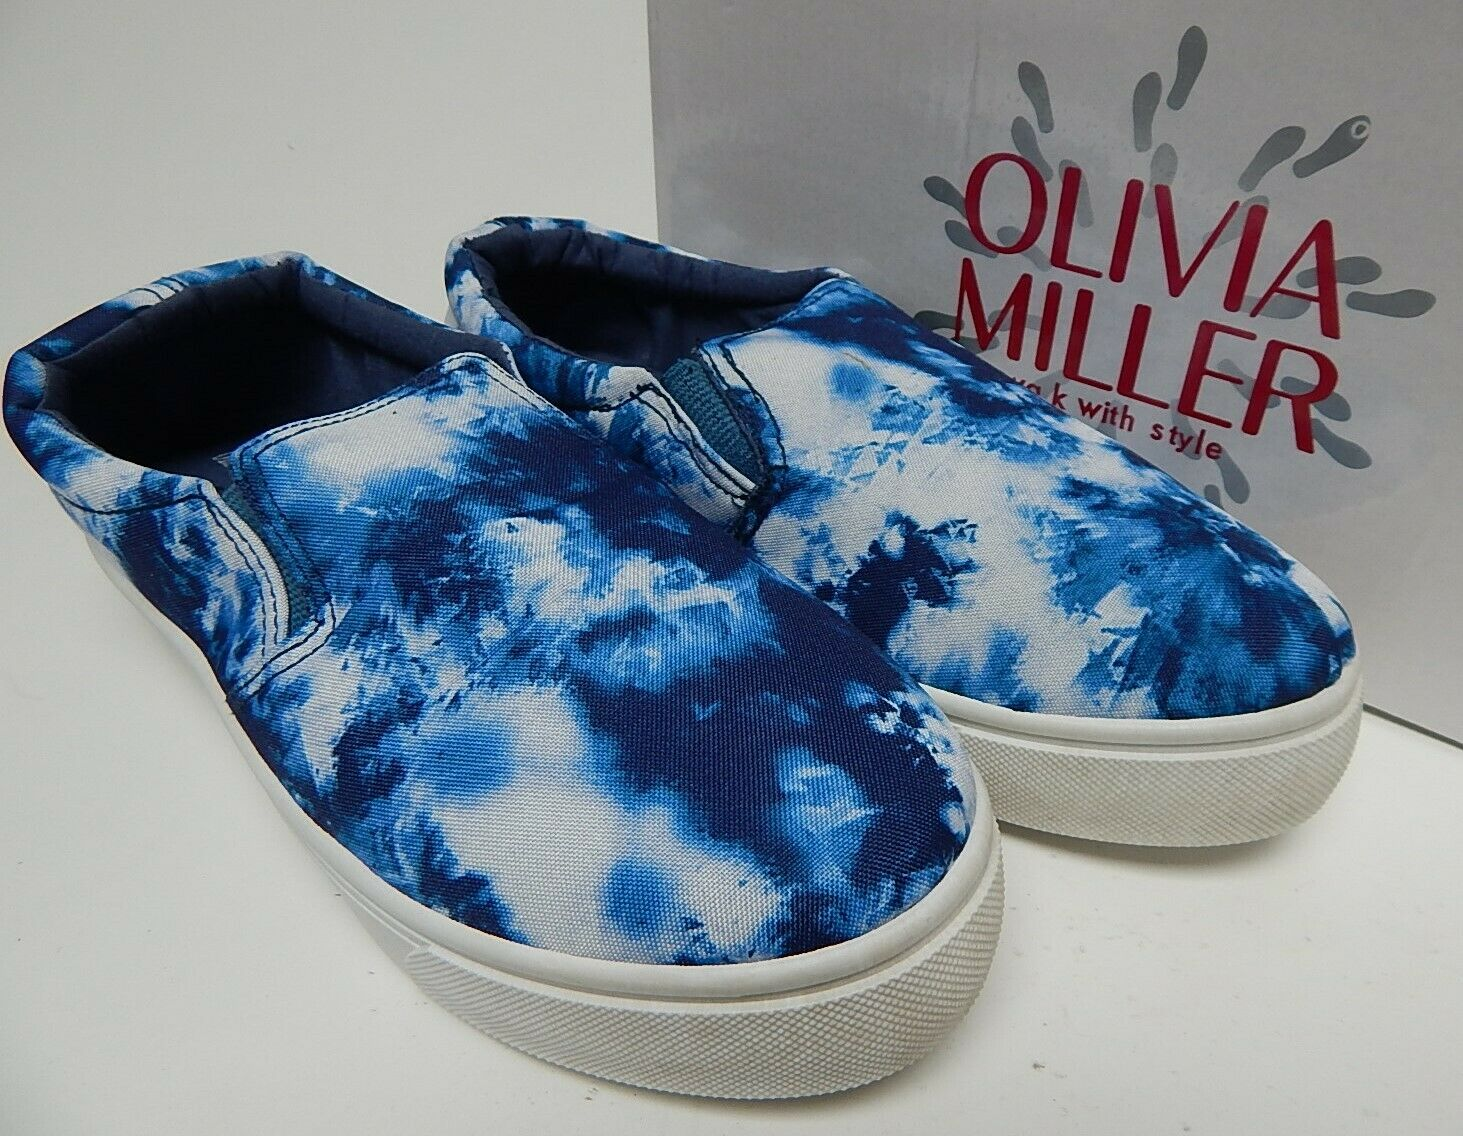 Olivia Miller Tayrona taille US 9 M Femme Tie Dye Lacet Plate-forme Baskets Bleu